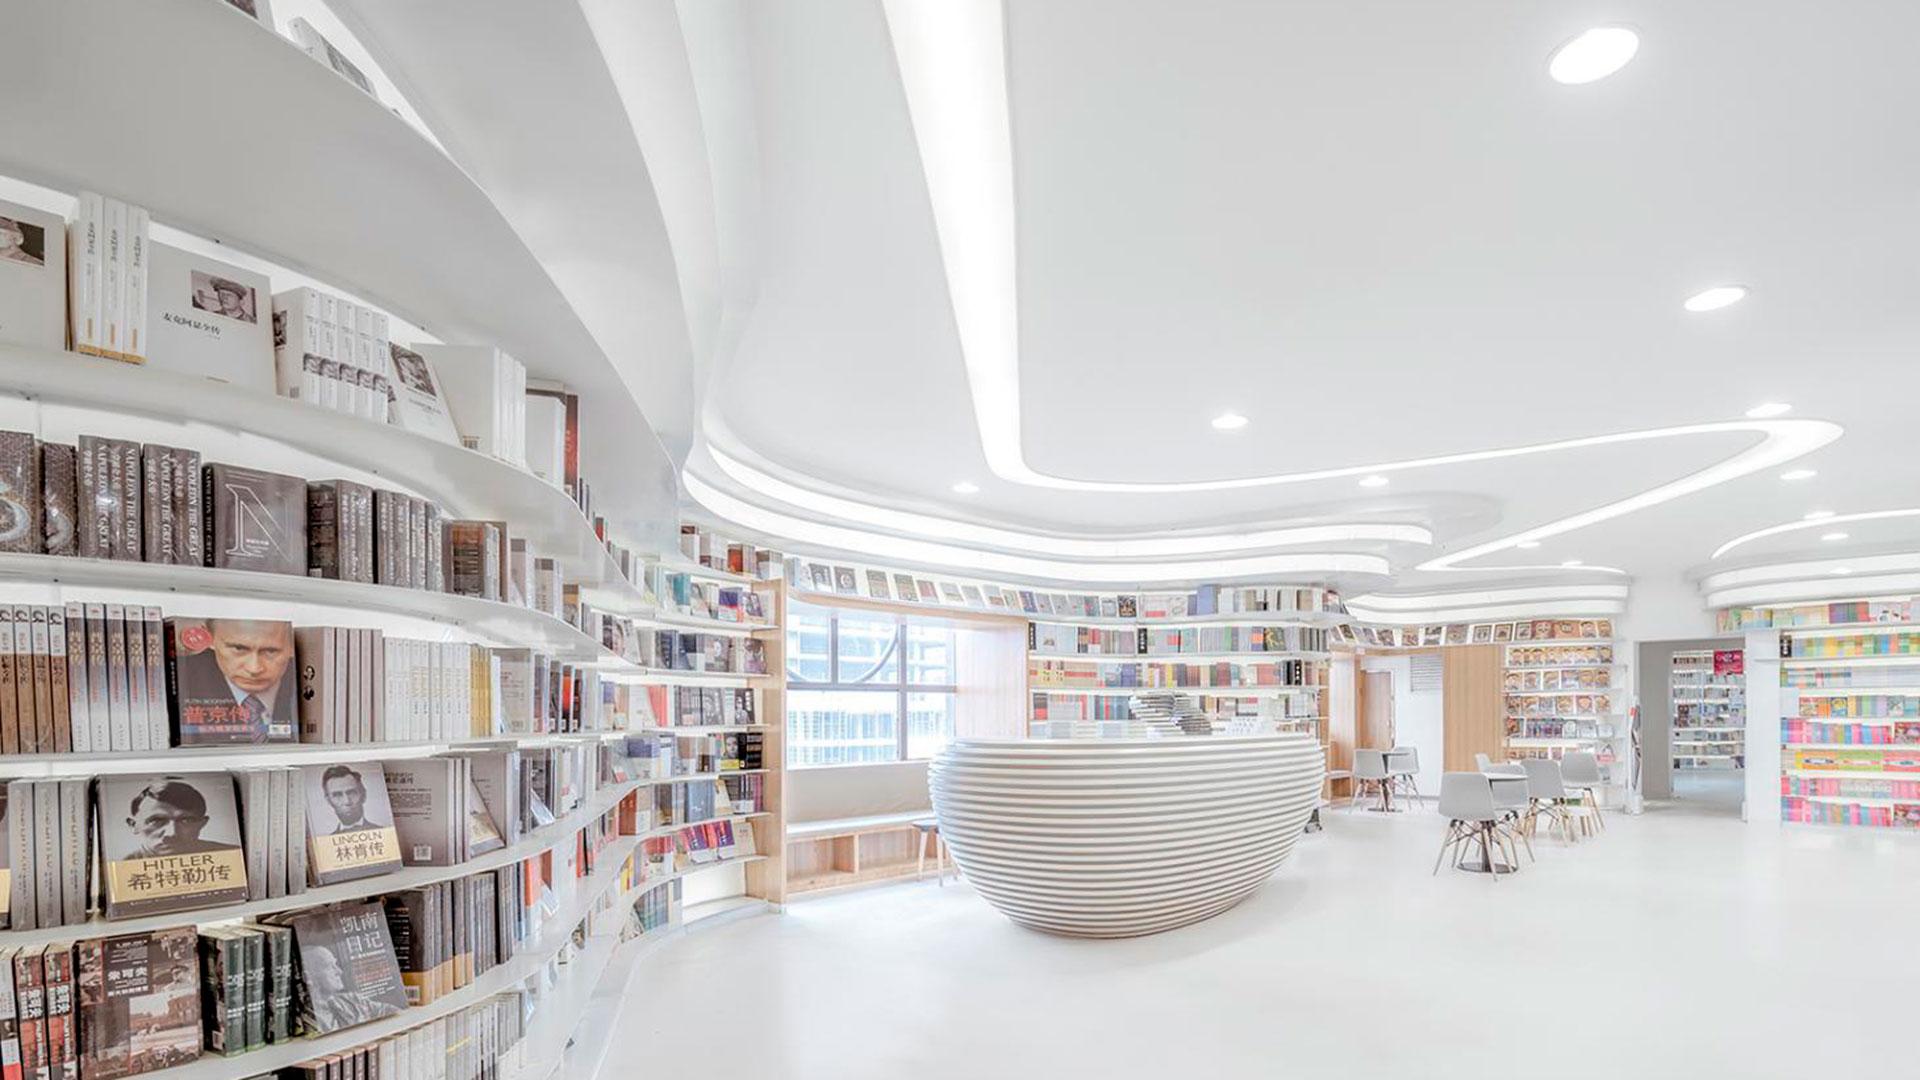 La librería Zhongshu de Xi an un decorado espectacular